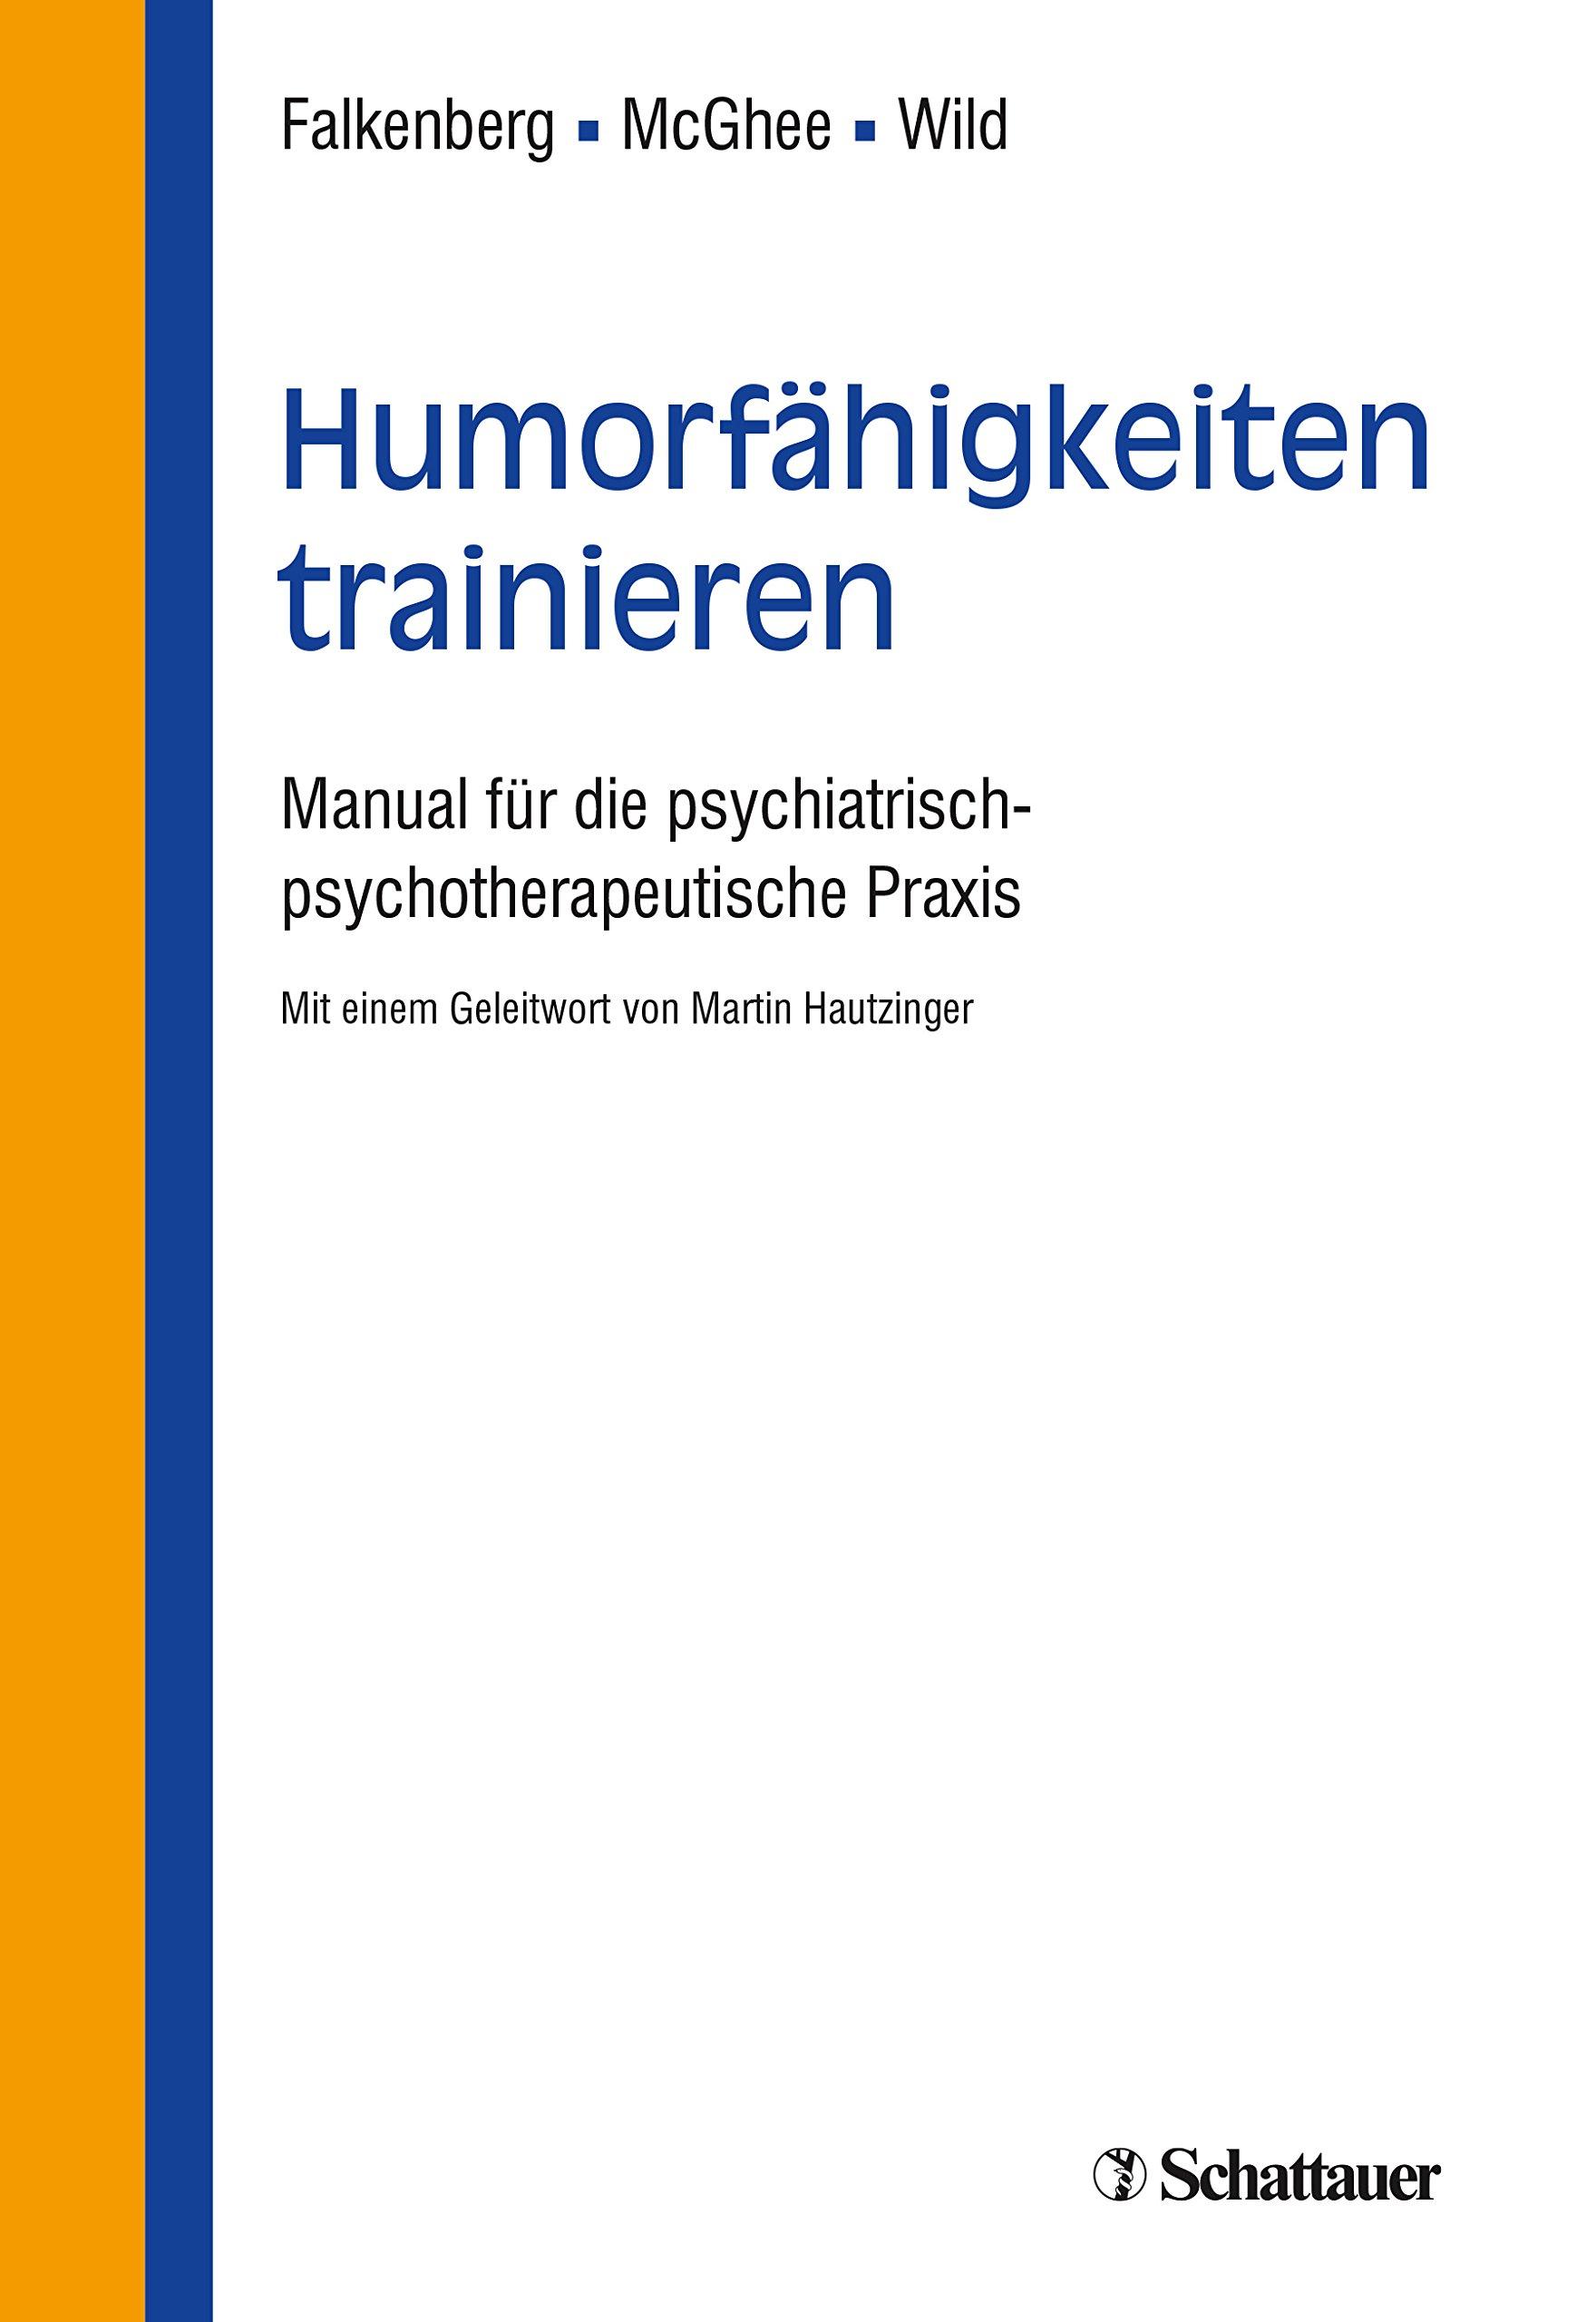 Humorfähigkeiten trainieren: Manual für die psychiatrisch-psychotherapeutische Praxis - Mit einem Geleitwort von Martin Hautzinger